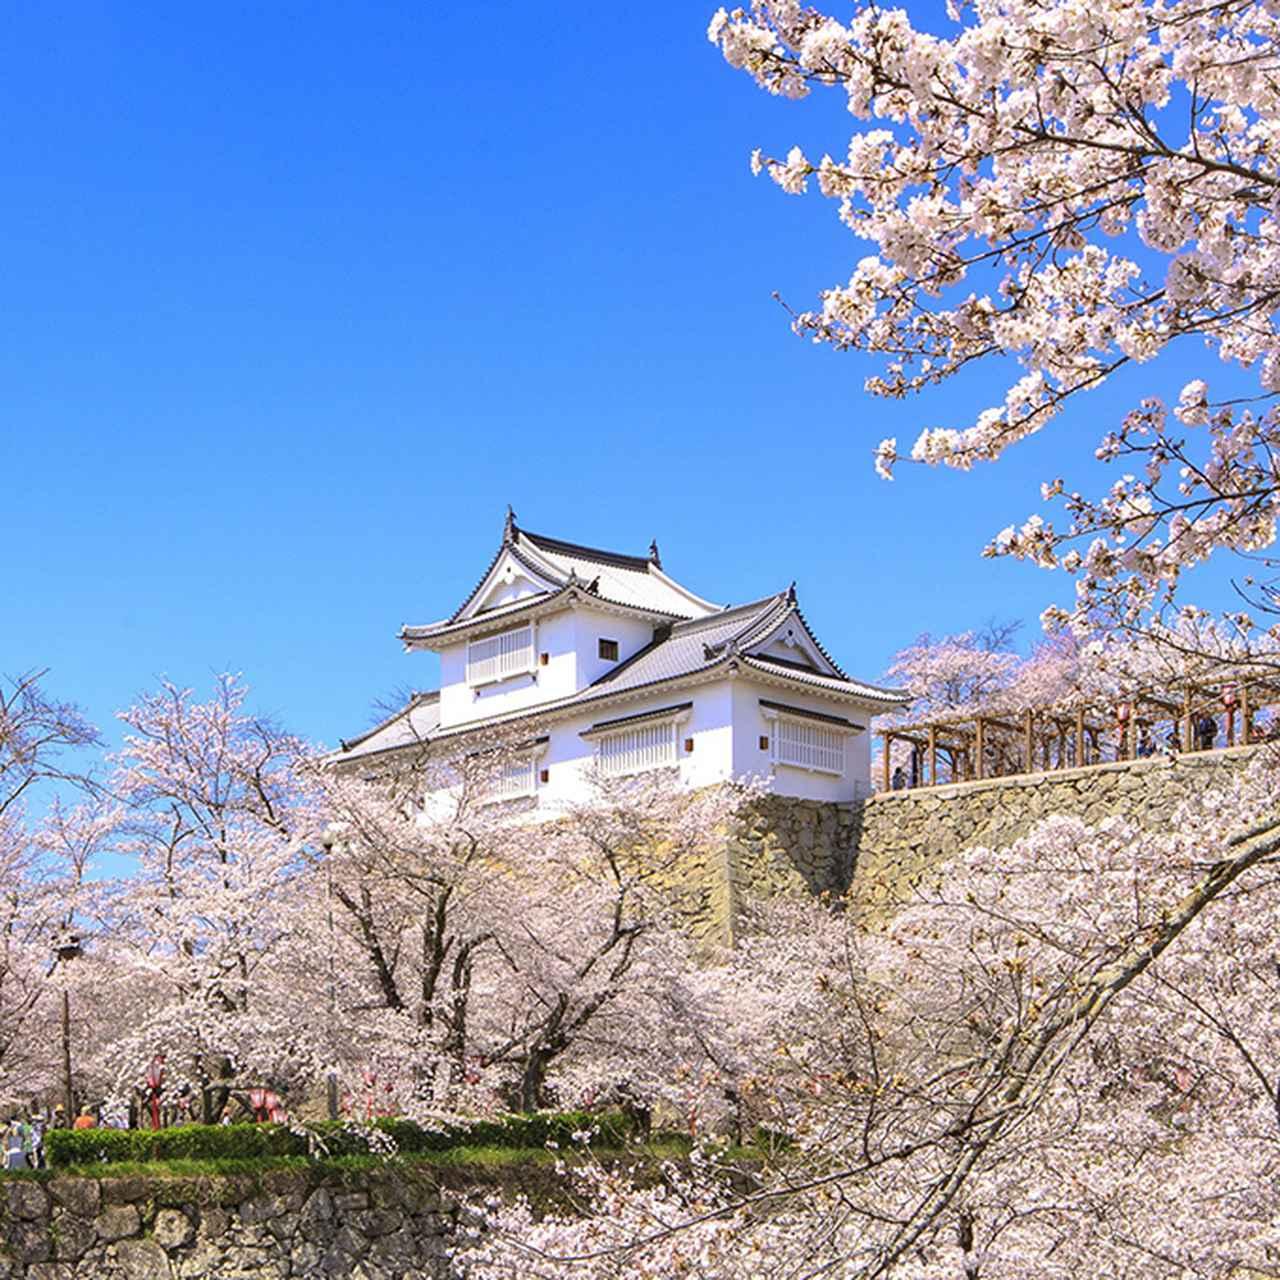 画像1: 岡山県にある津山市って、どんなところ?